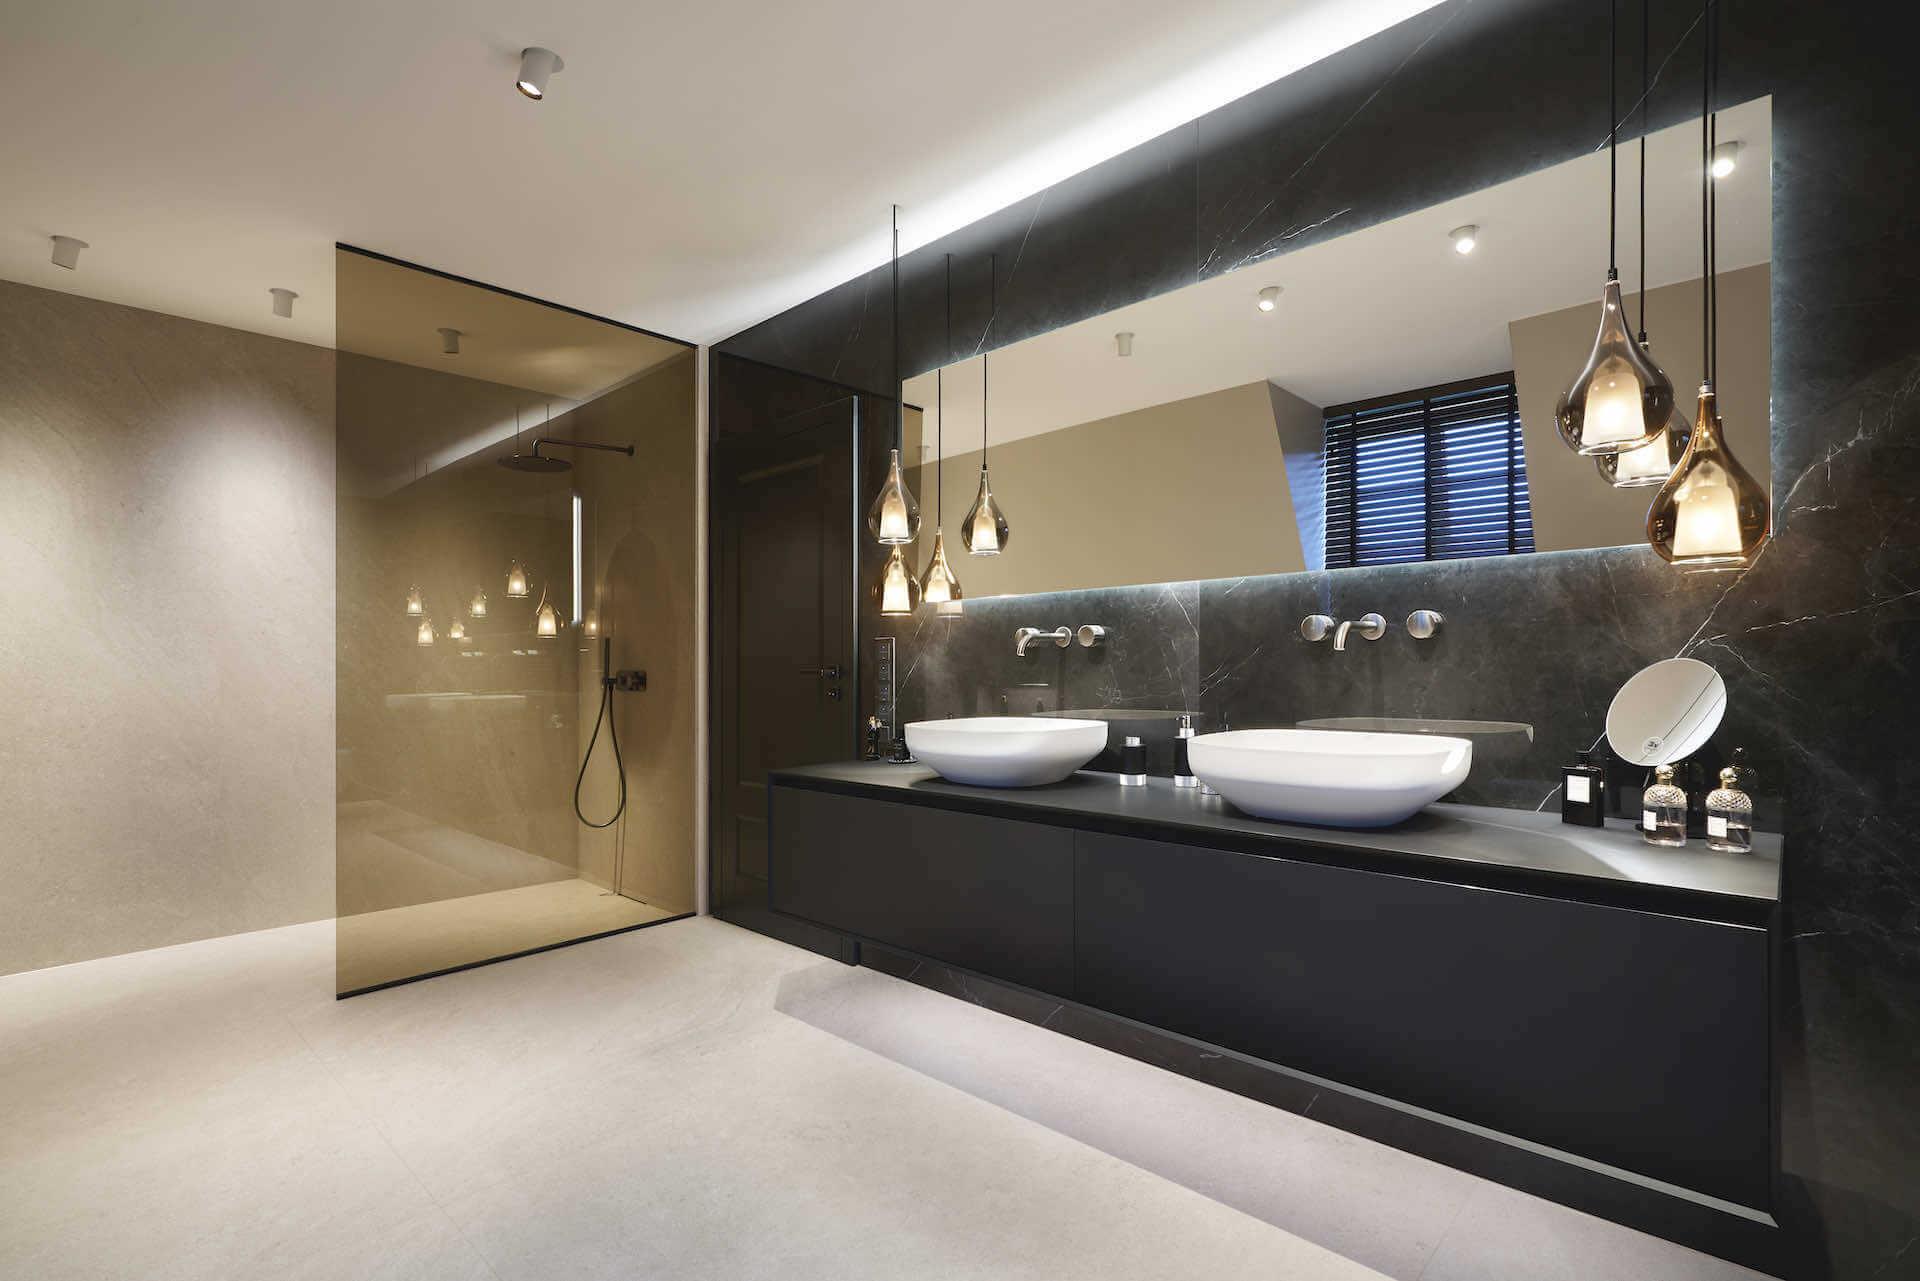 Decken-Einbaustrahler im Badezimmer | Leuchten Lukassen